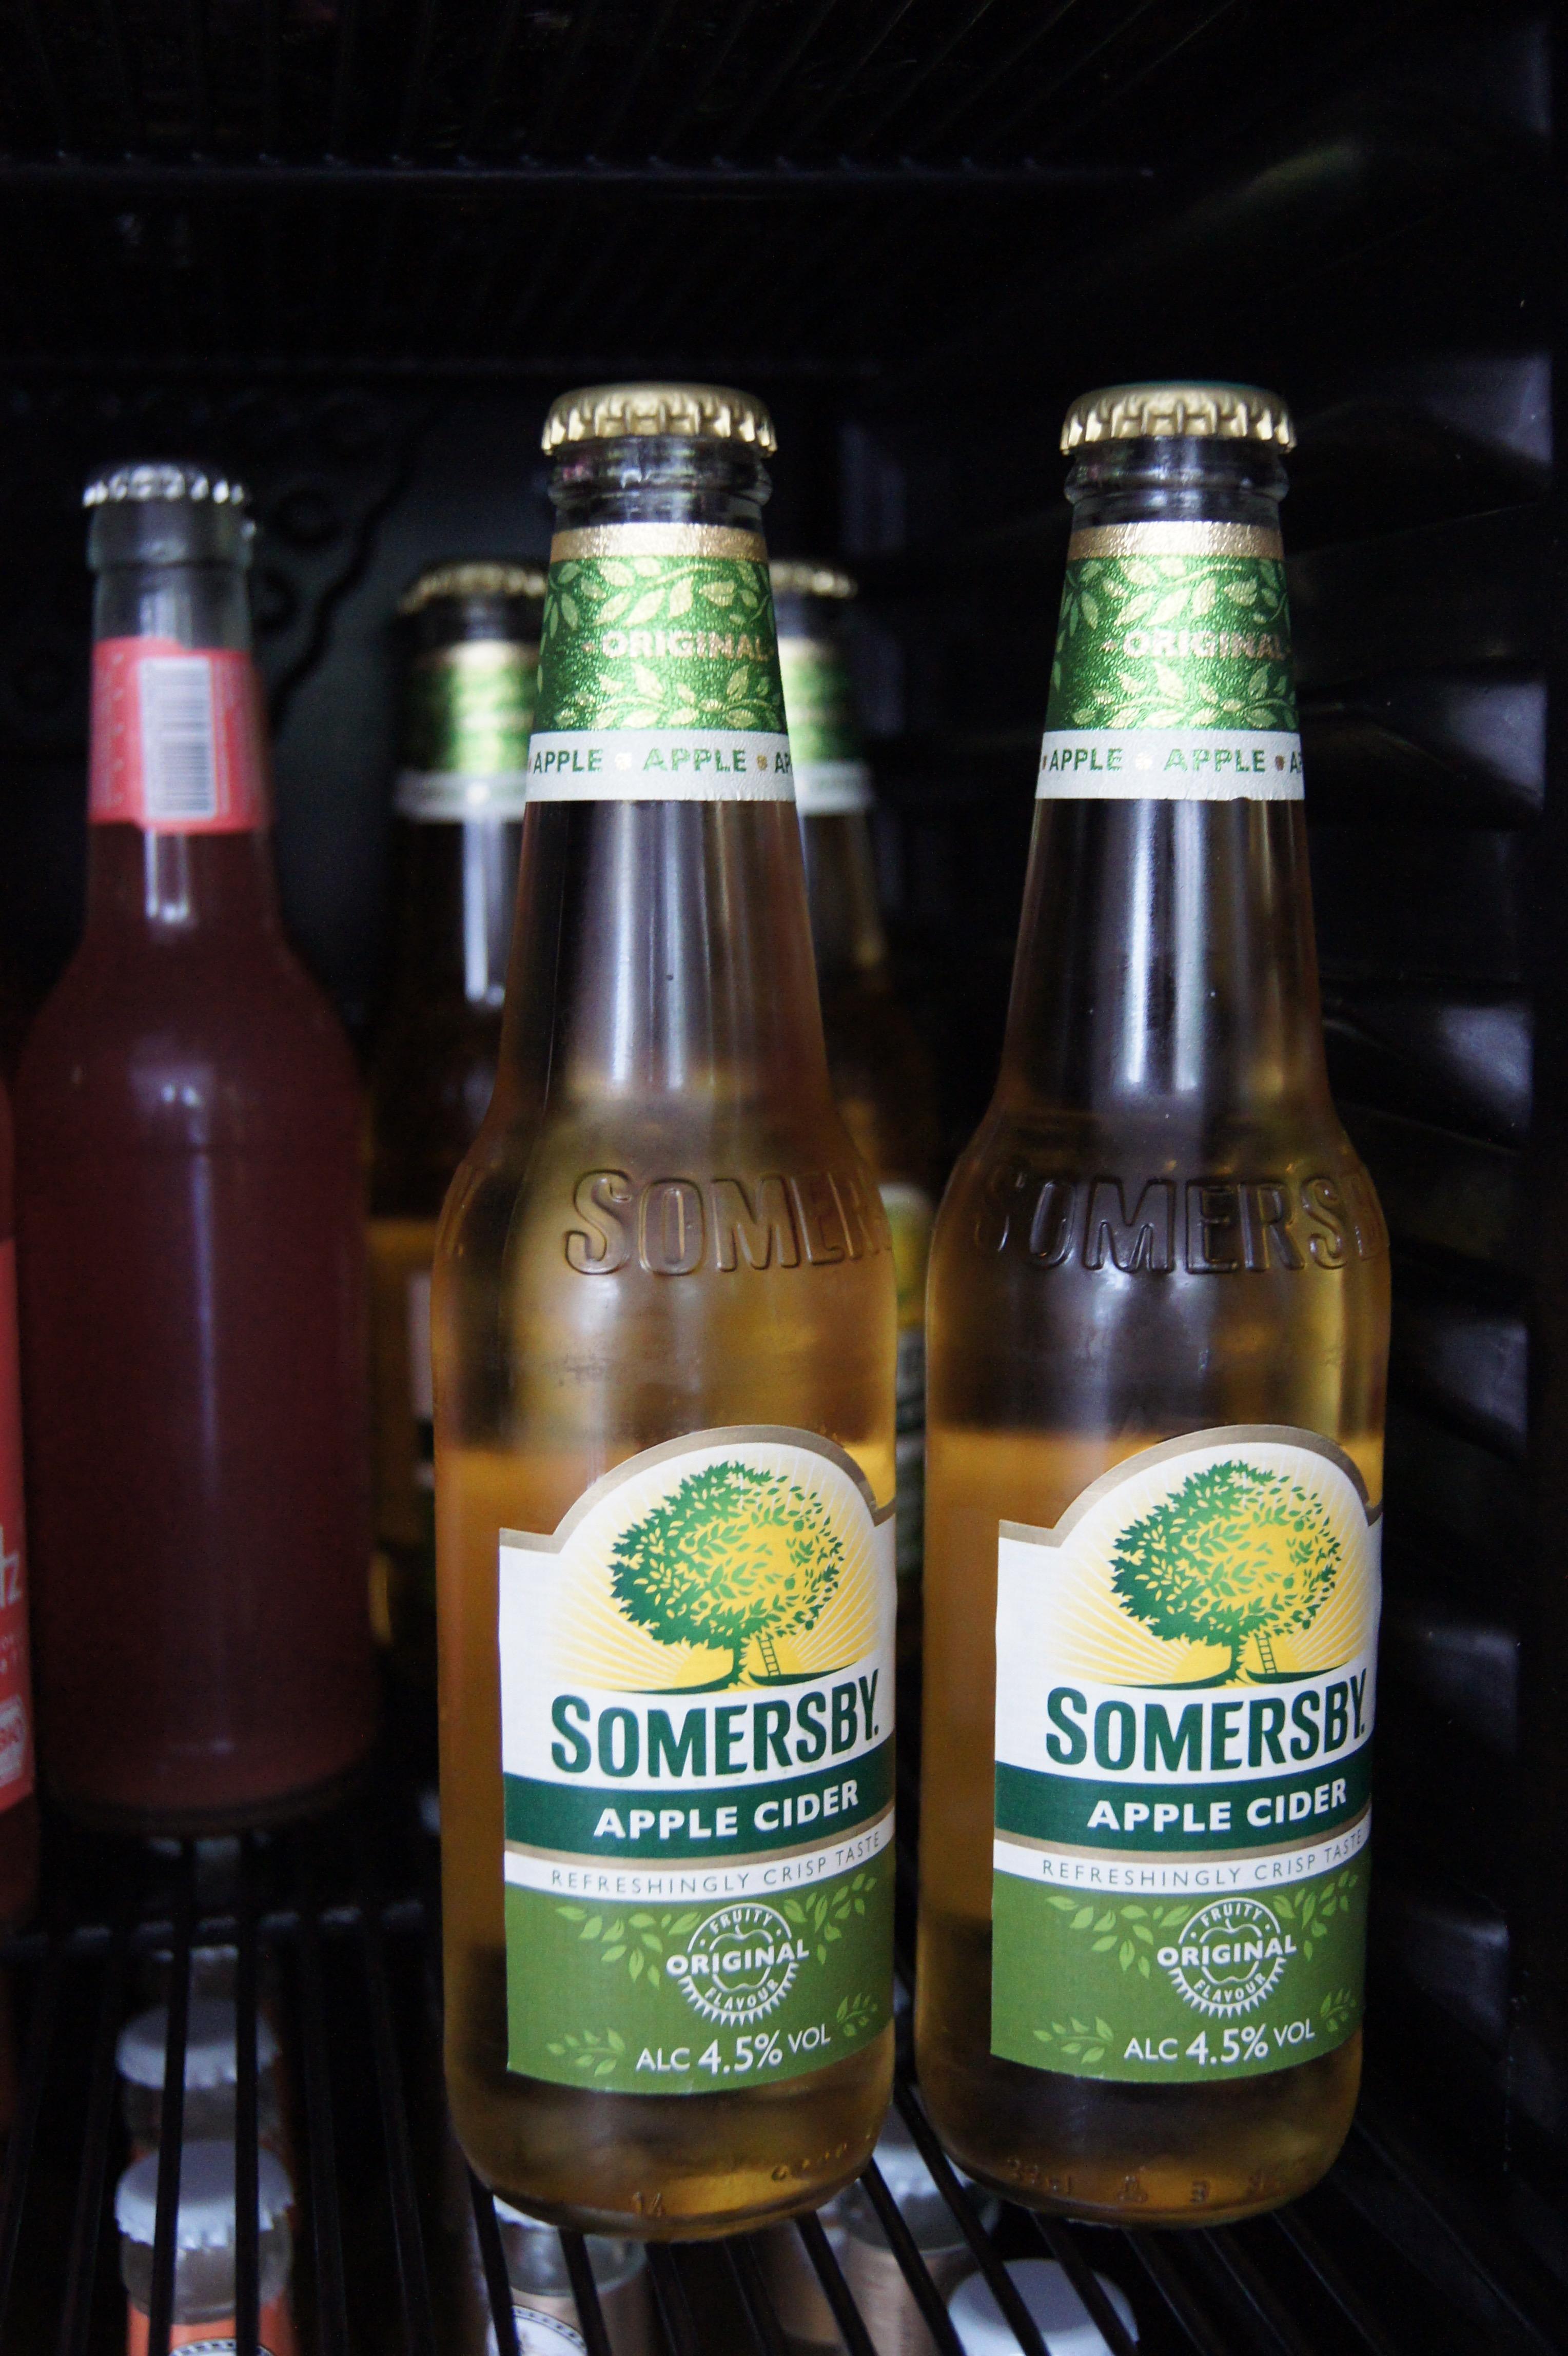 Limo, Craftbeer, Eistee - in der Makery gibt es jede Menge zu trinken